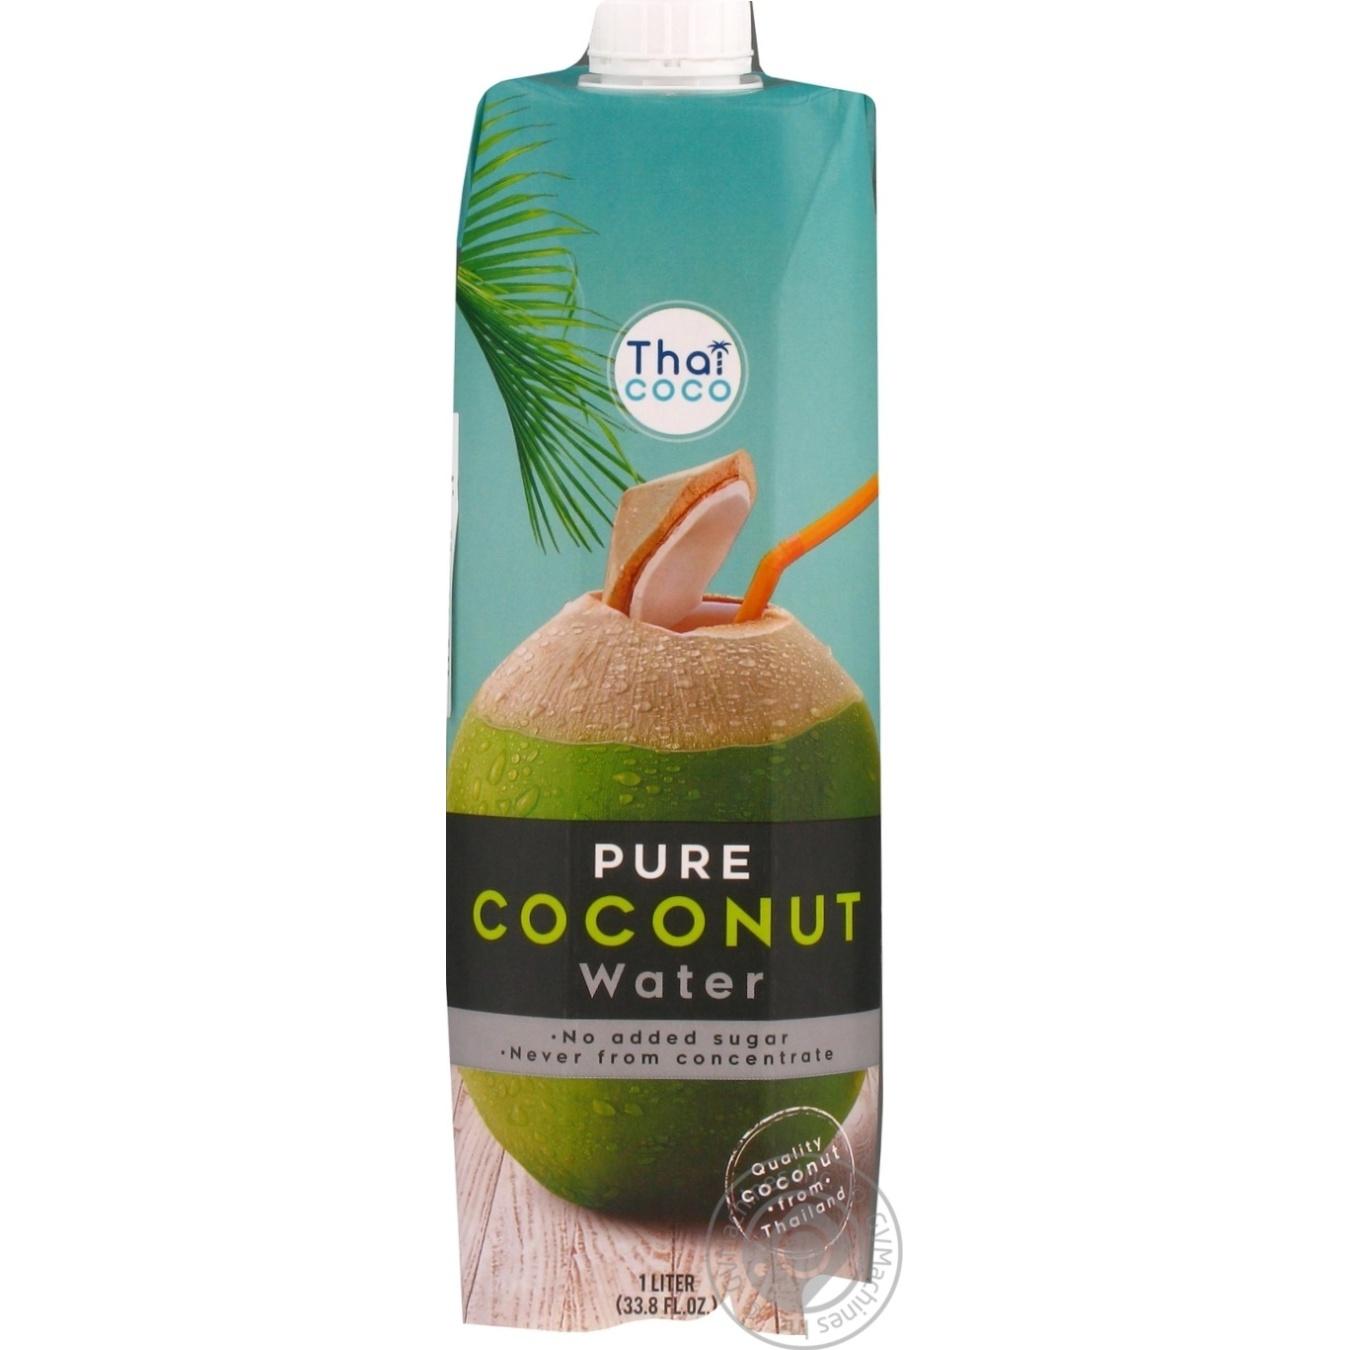 Купить Вода Thai coco кокосовая 1л